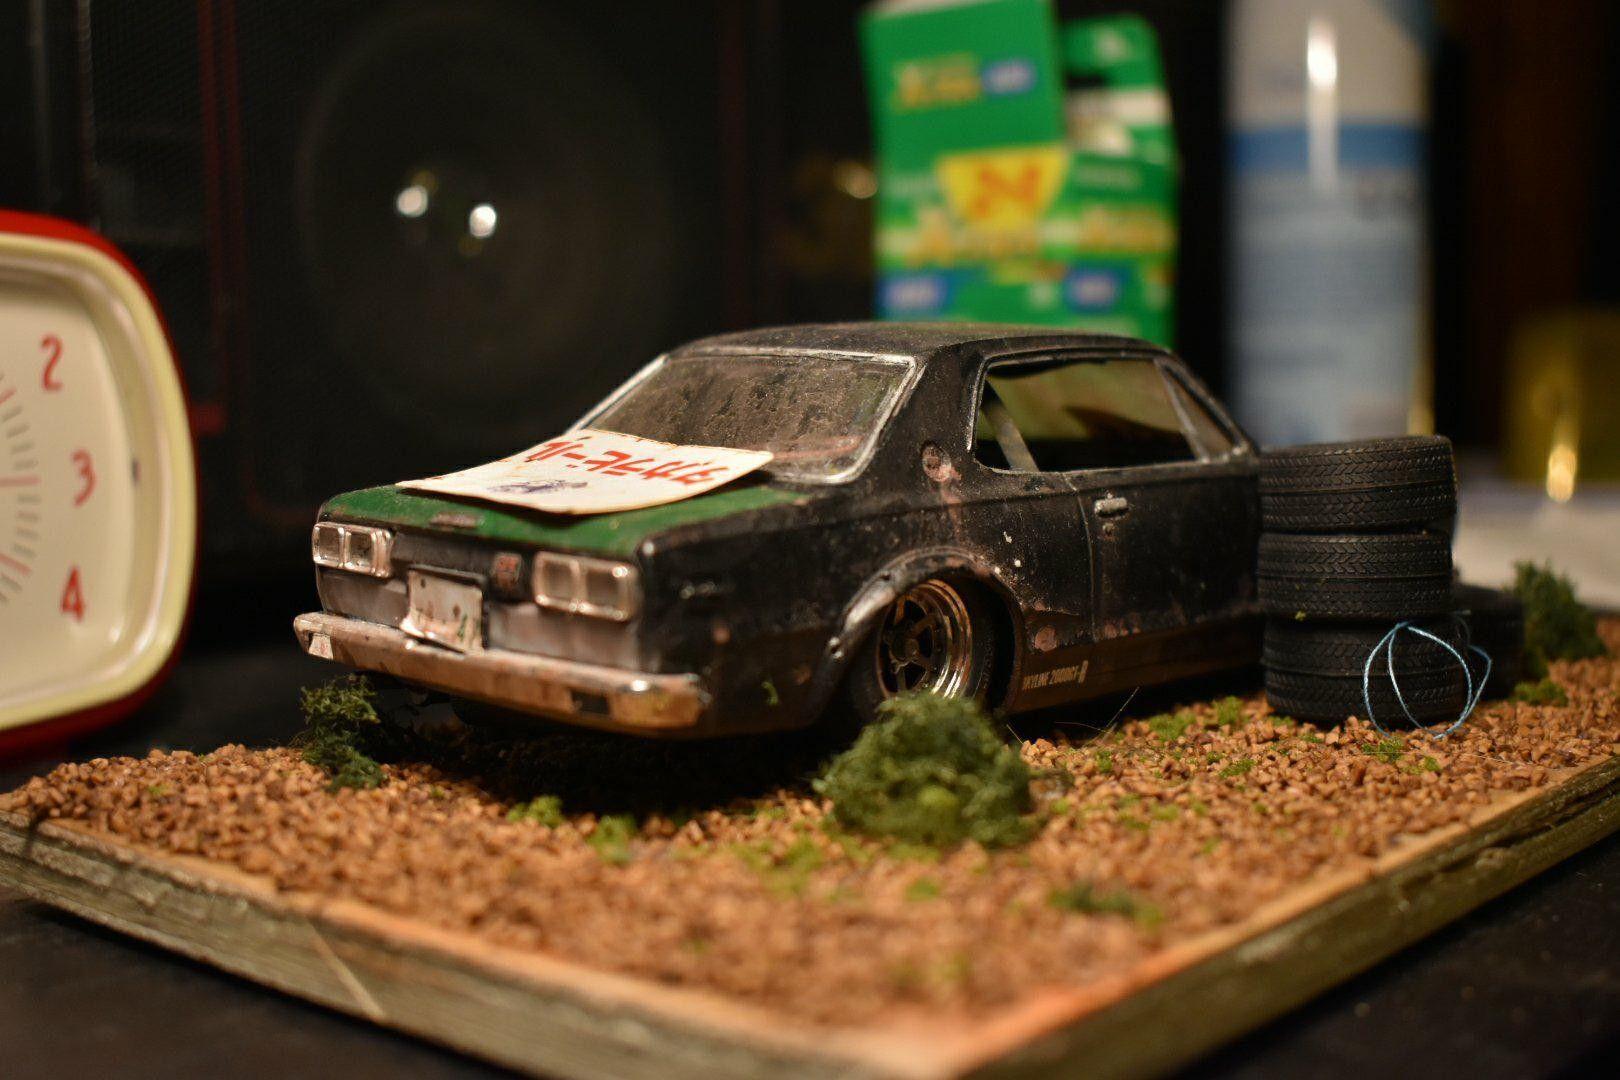 Pin by John Rogal on old cars in fields | Pinterest | Model car